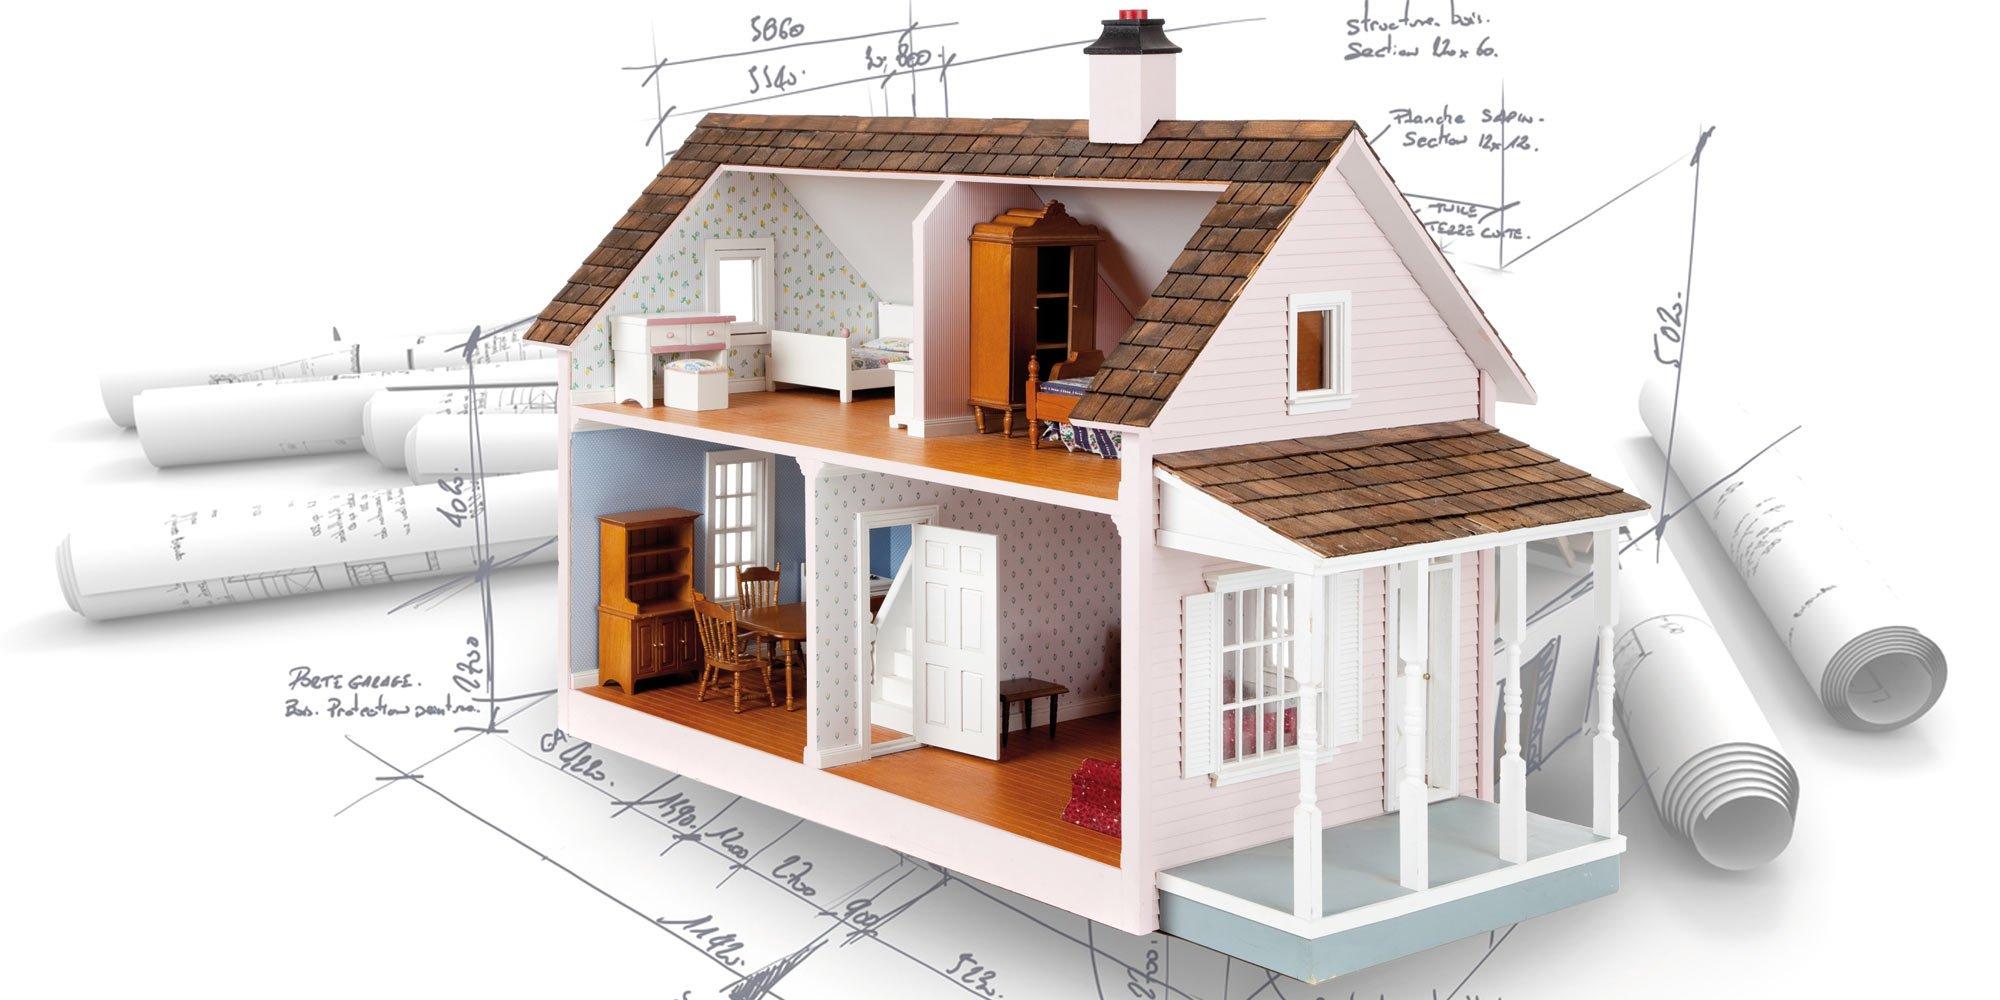 Piano casa 2017 ampliamenti e ricostruzioni costantini for Artigiani piani casa fresca